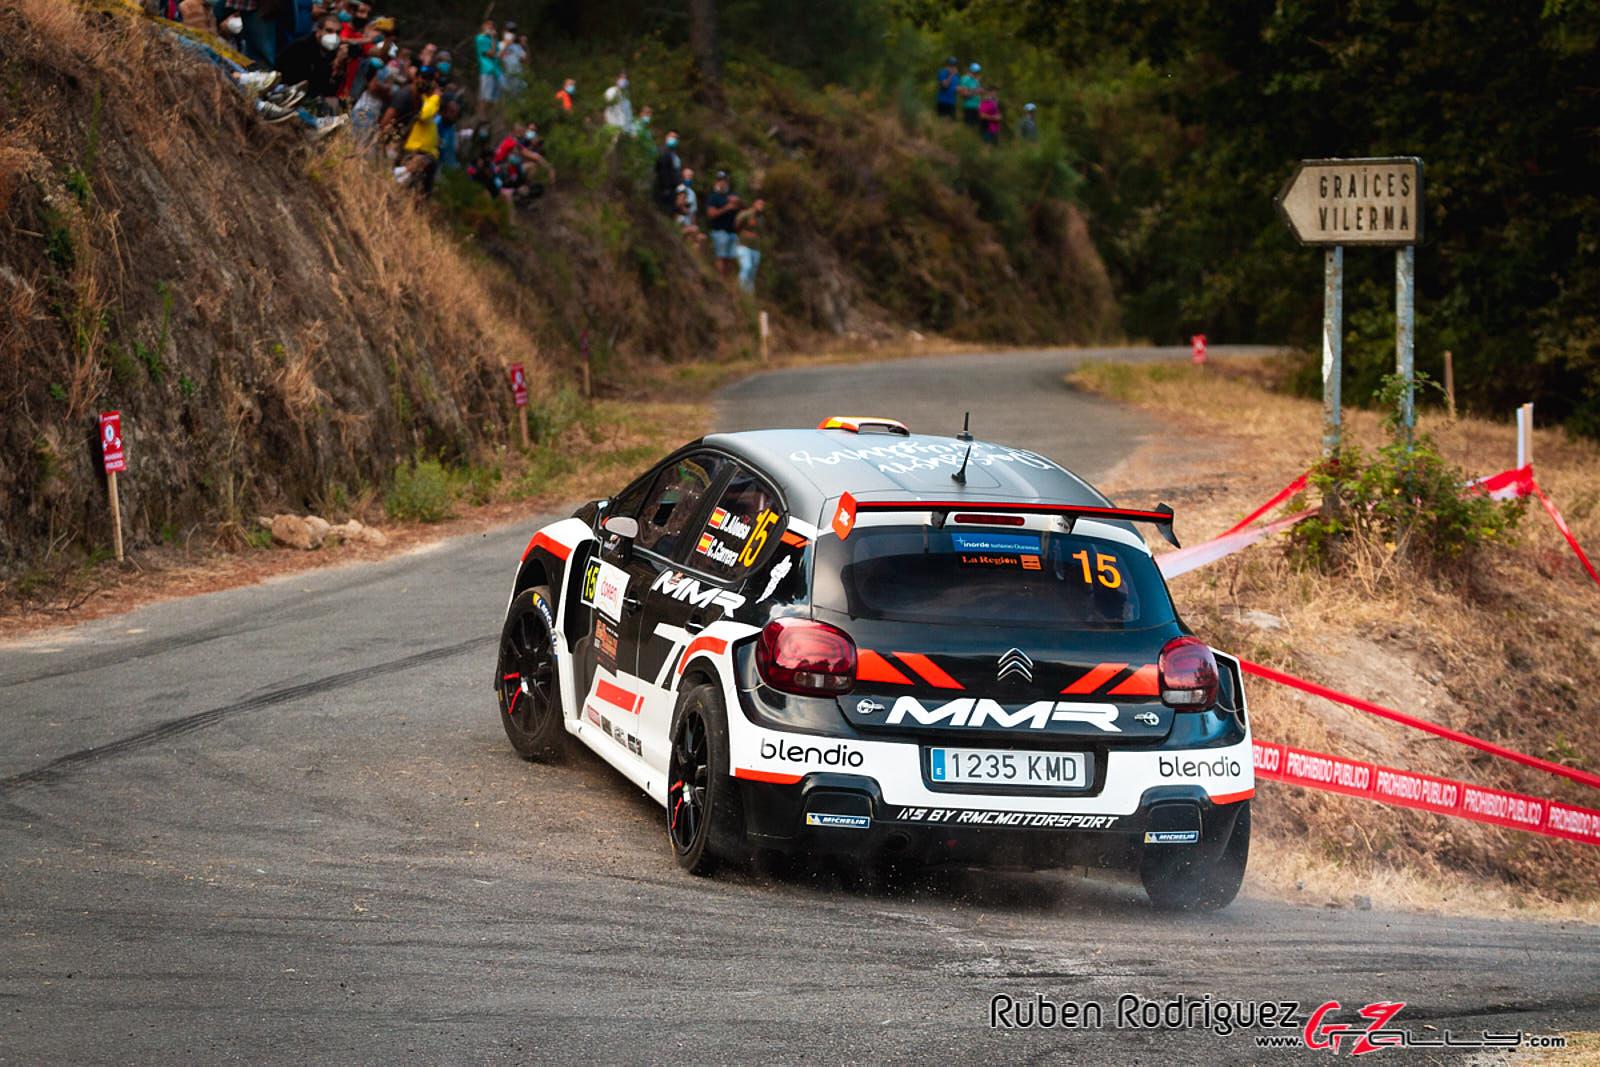 Rally de Ourense 2020 - Rubén Rodriguez